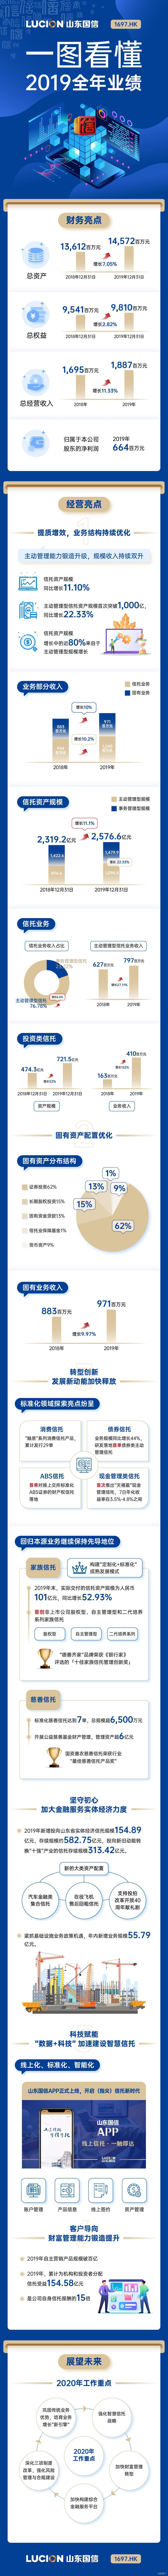 一图看懂山东国信(1697.HK)2019全年业绩